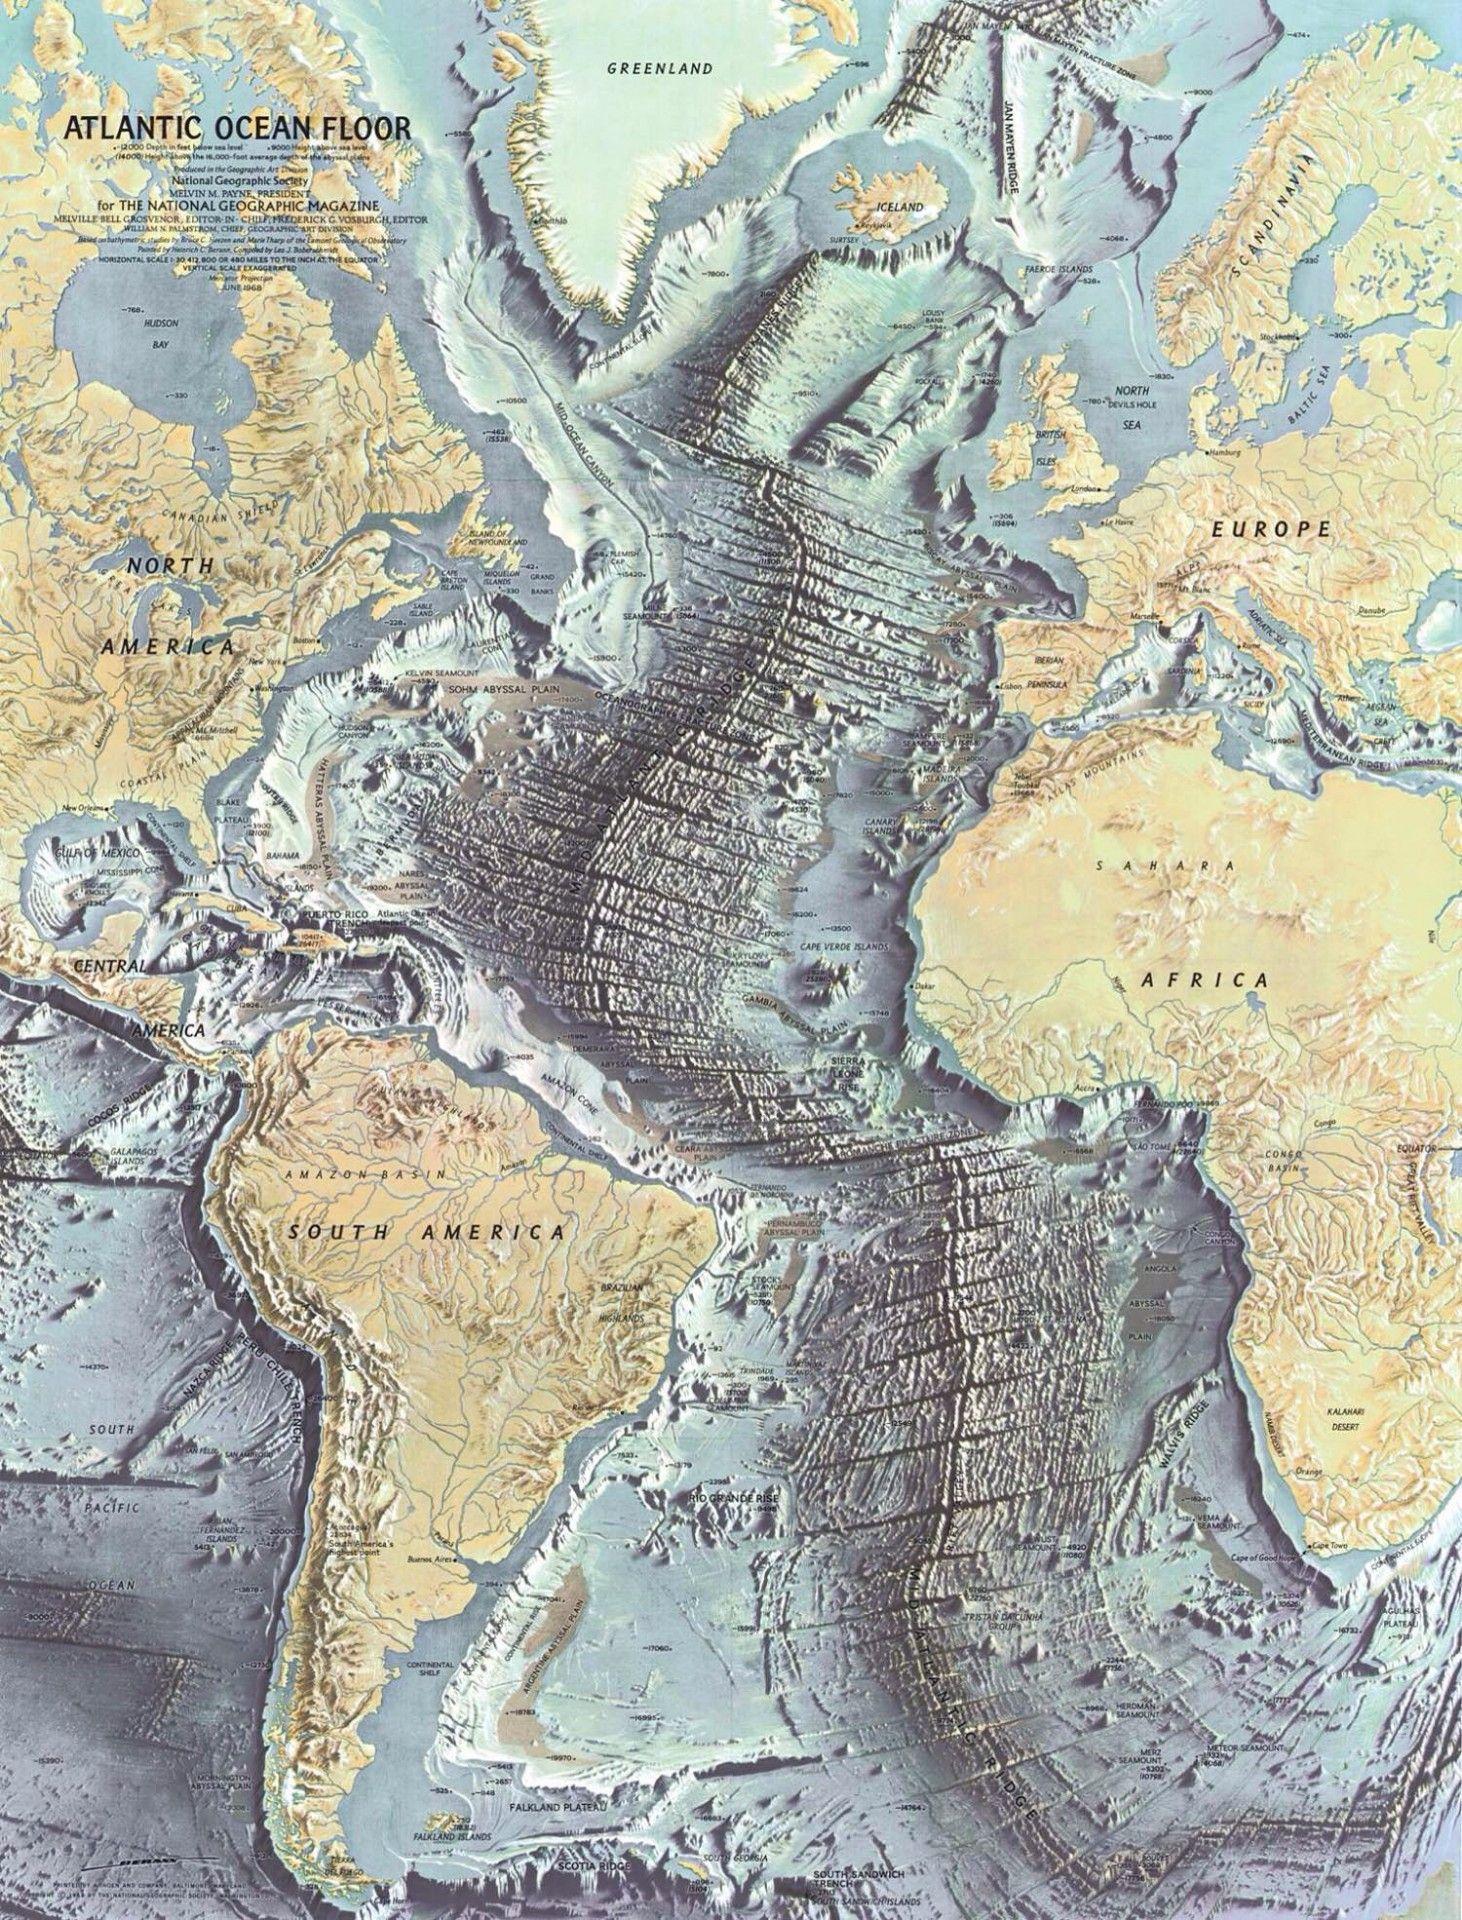 1968 Map Of The Atlantic Ocean Floor.